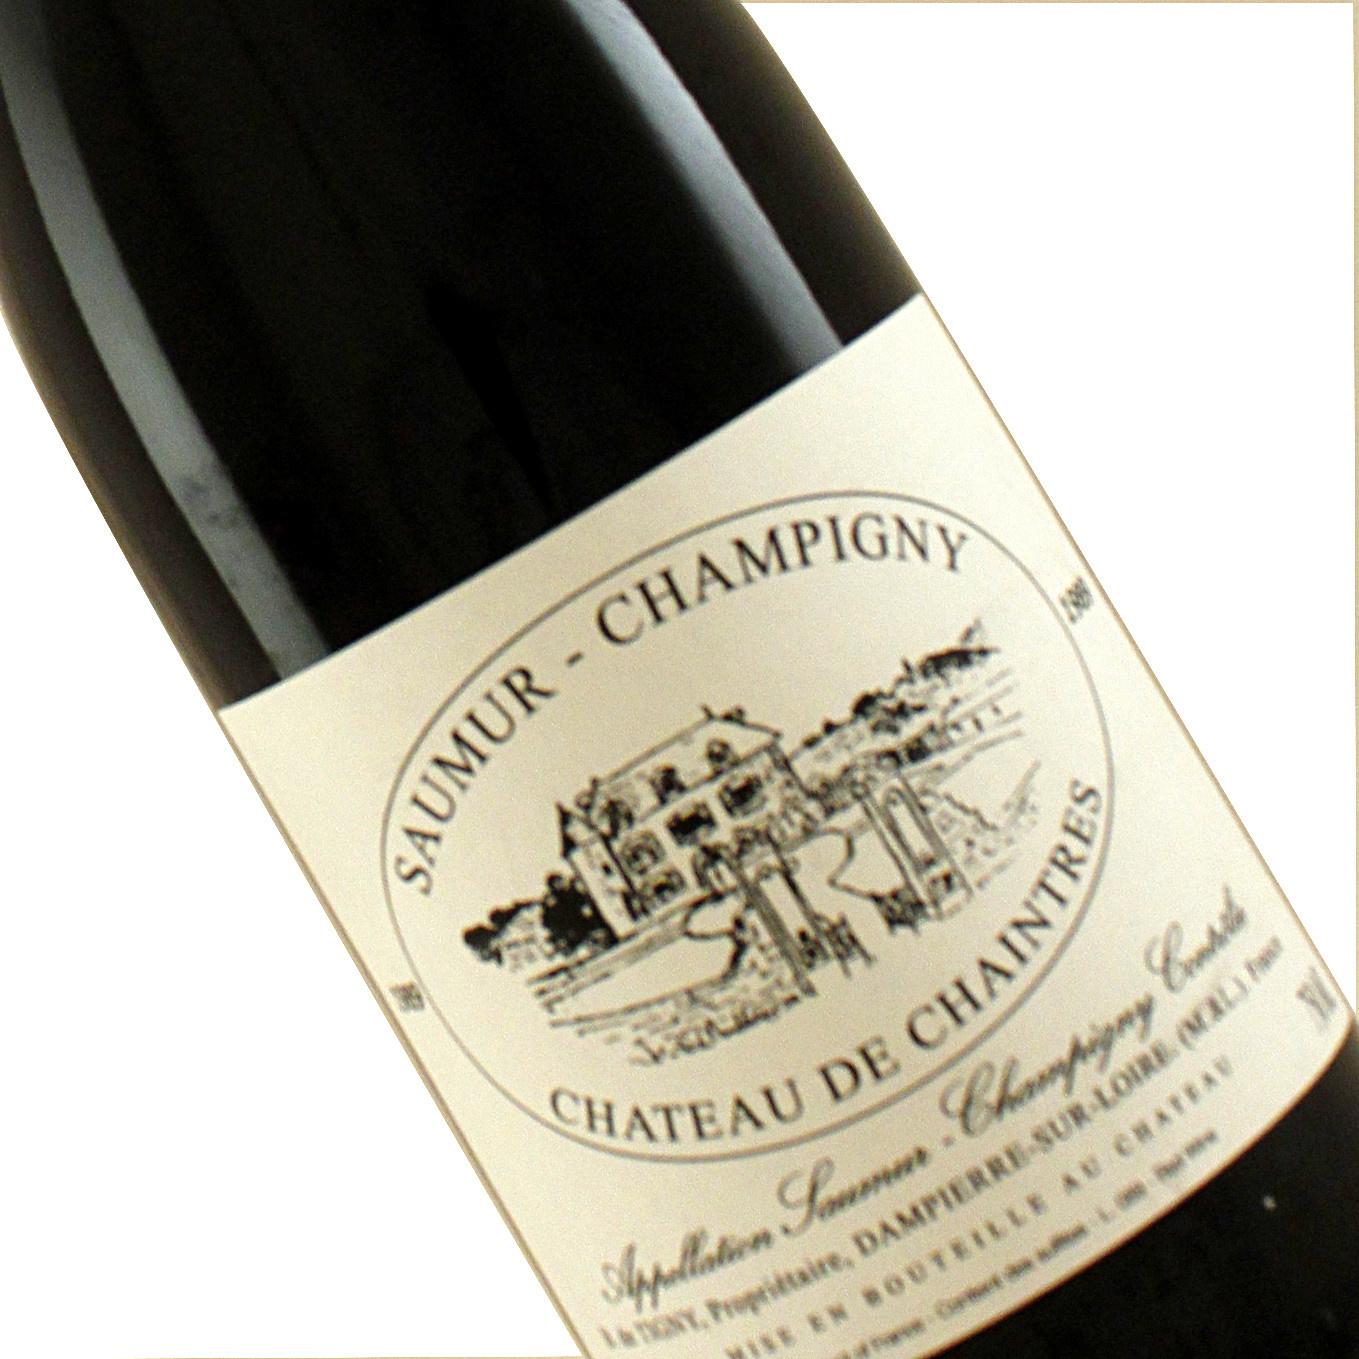 Chateau De Chaintres 1989 Saumur-Champigny Rouge, Loire